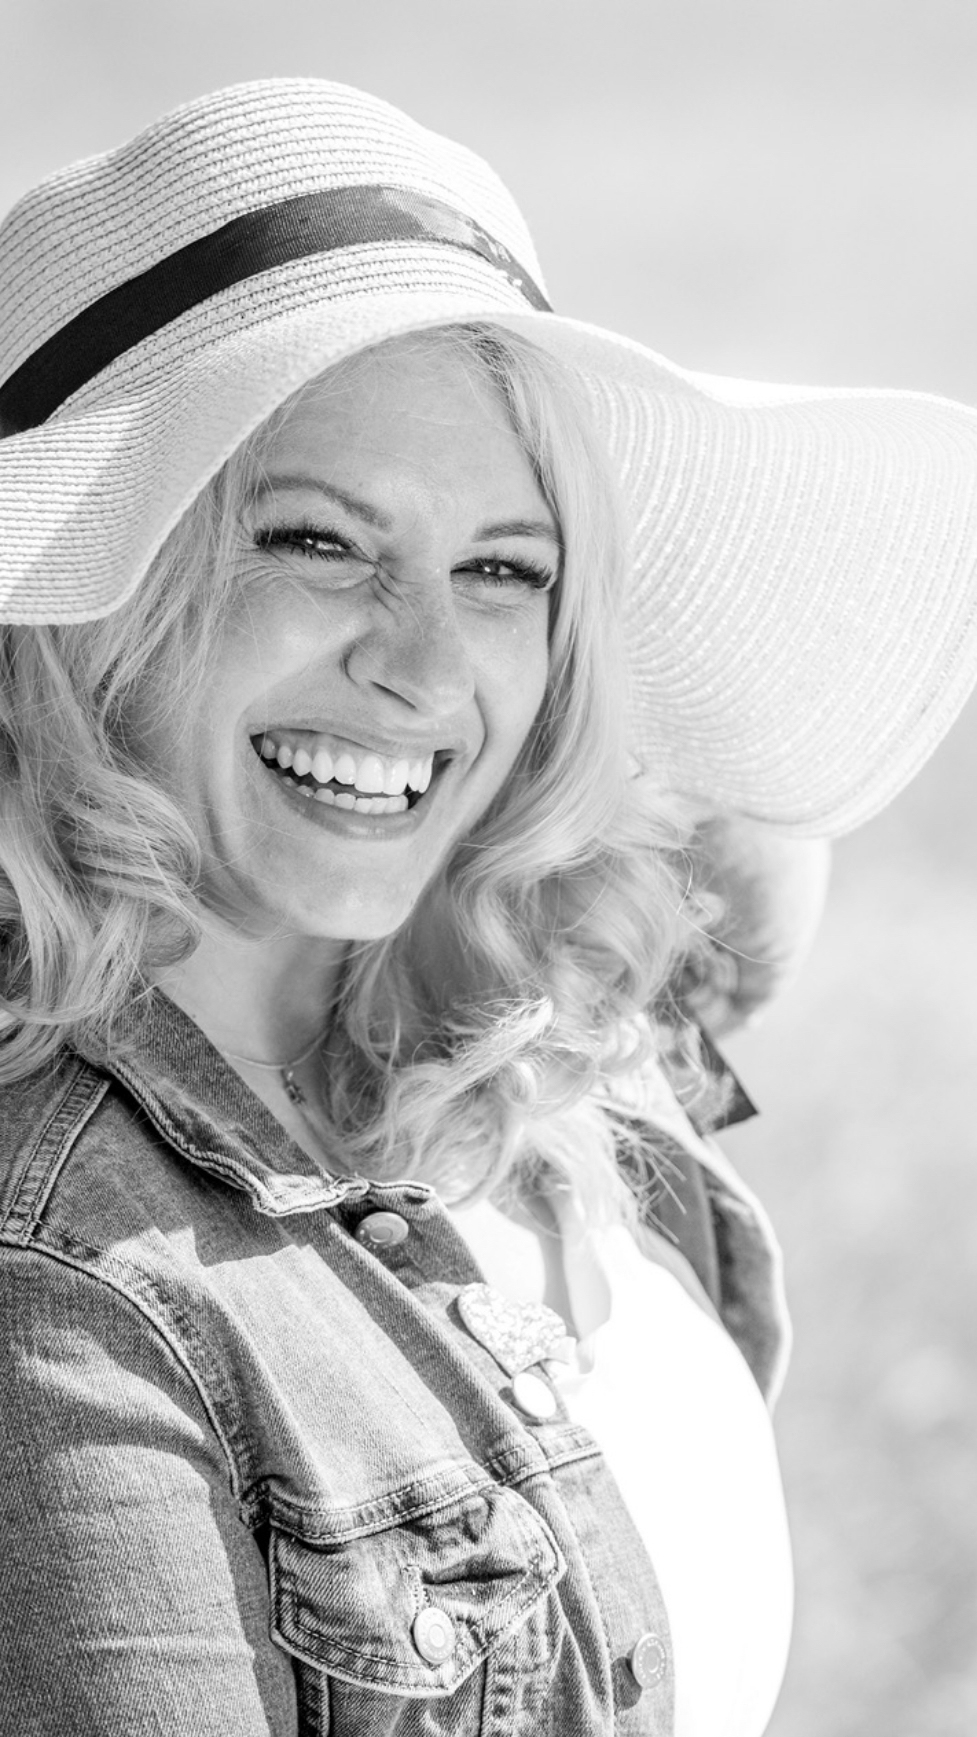 Braut mit Hut lacht